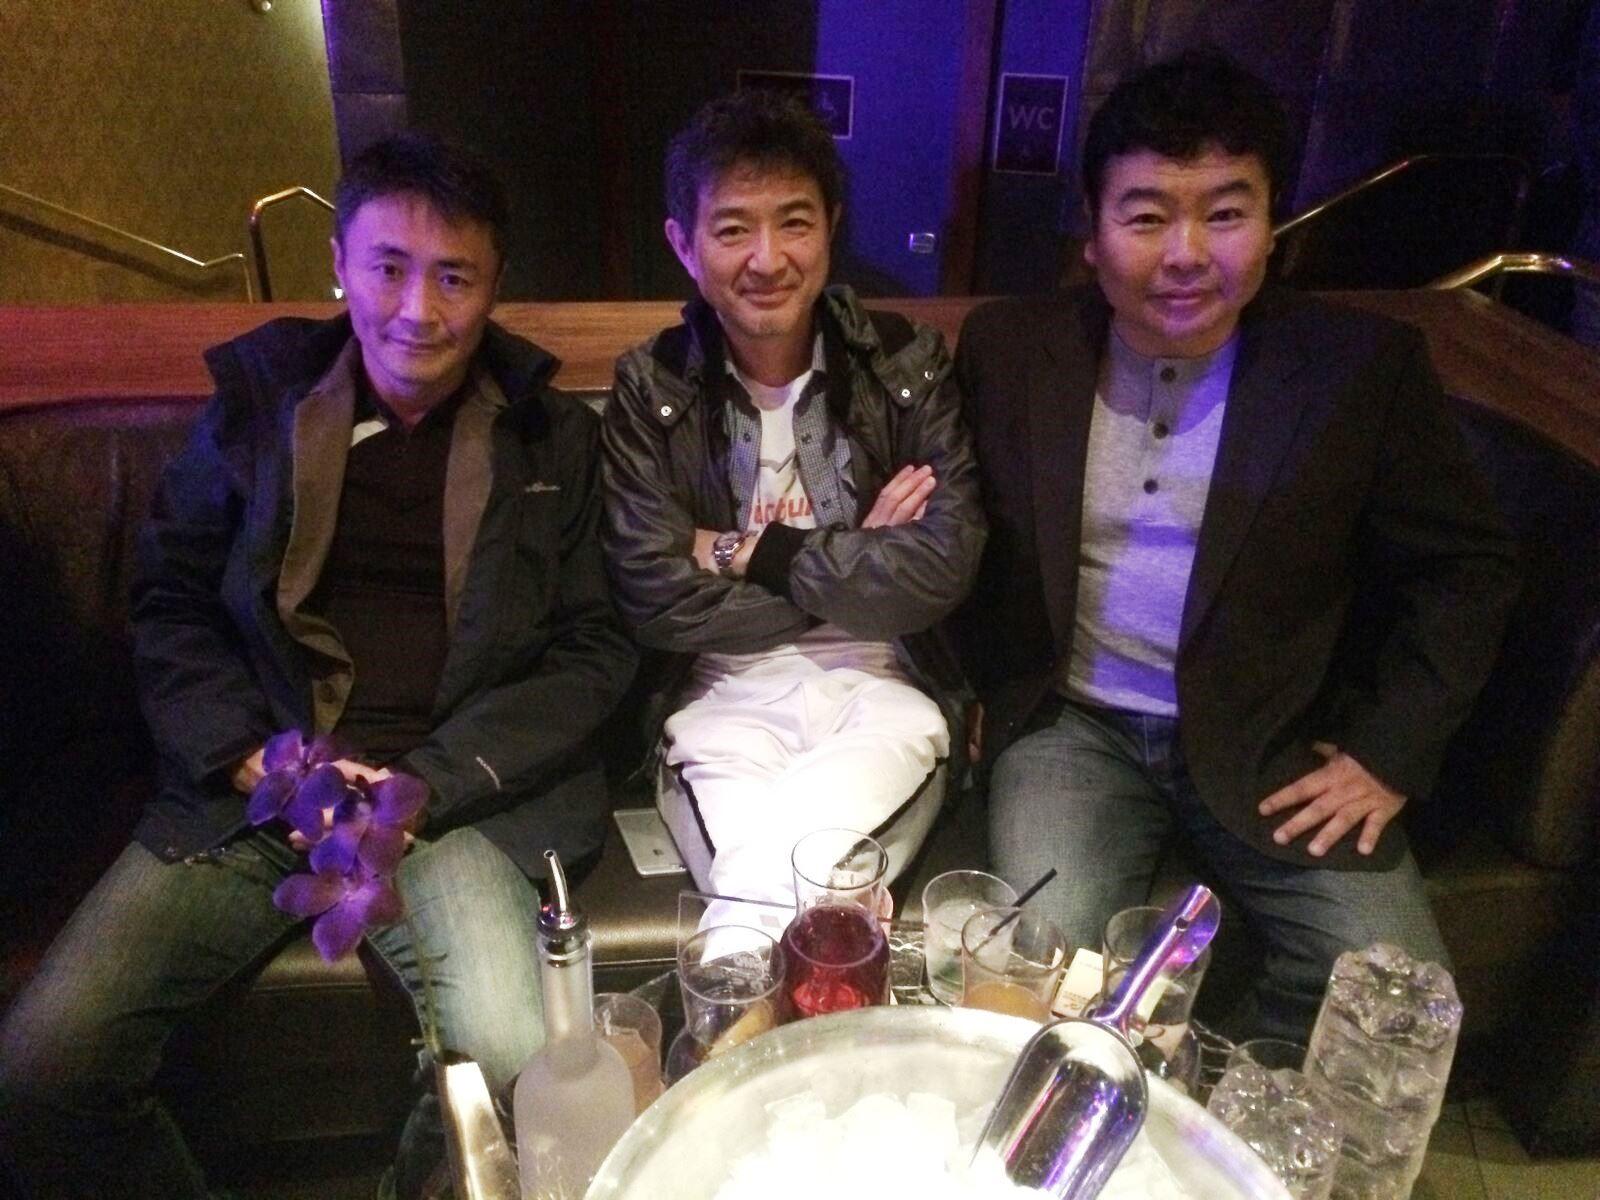 K. Yamauchi, H. Tamura and me in LV